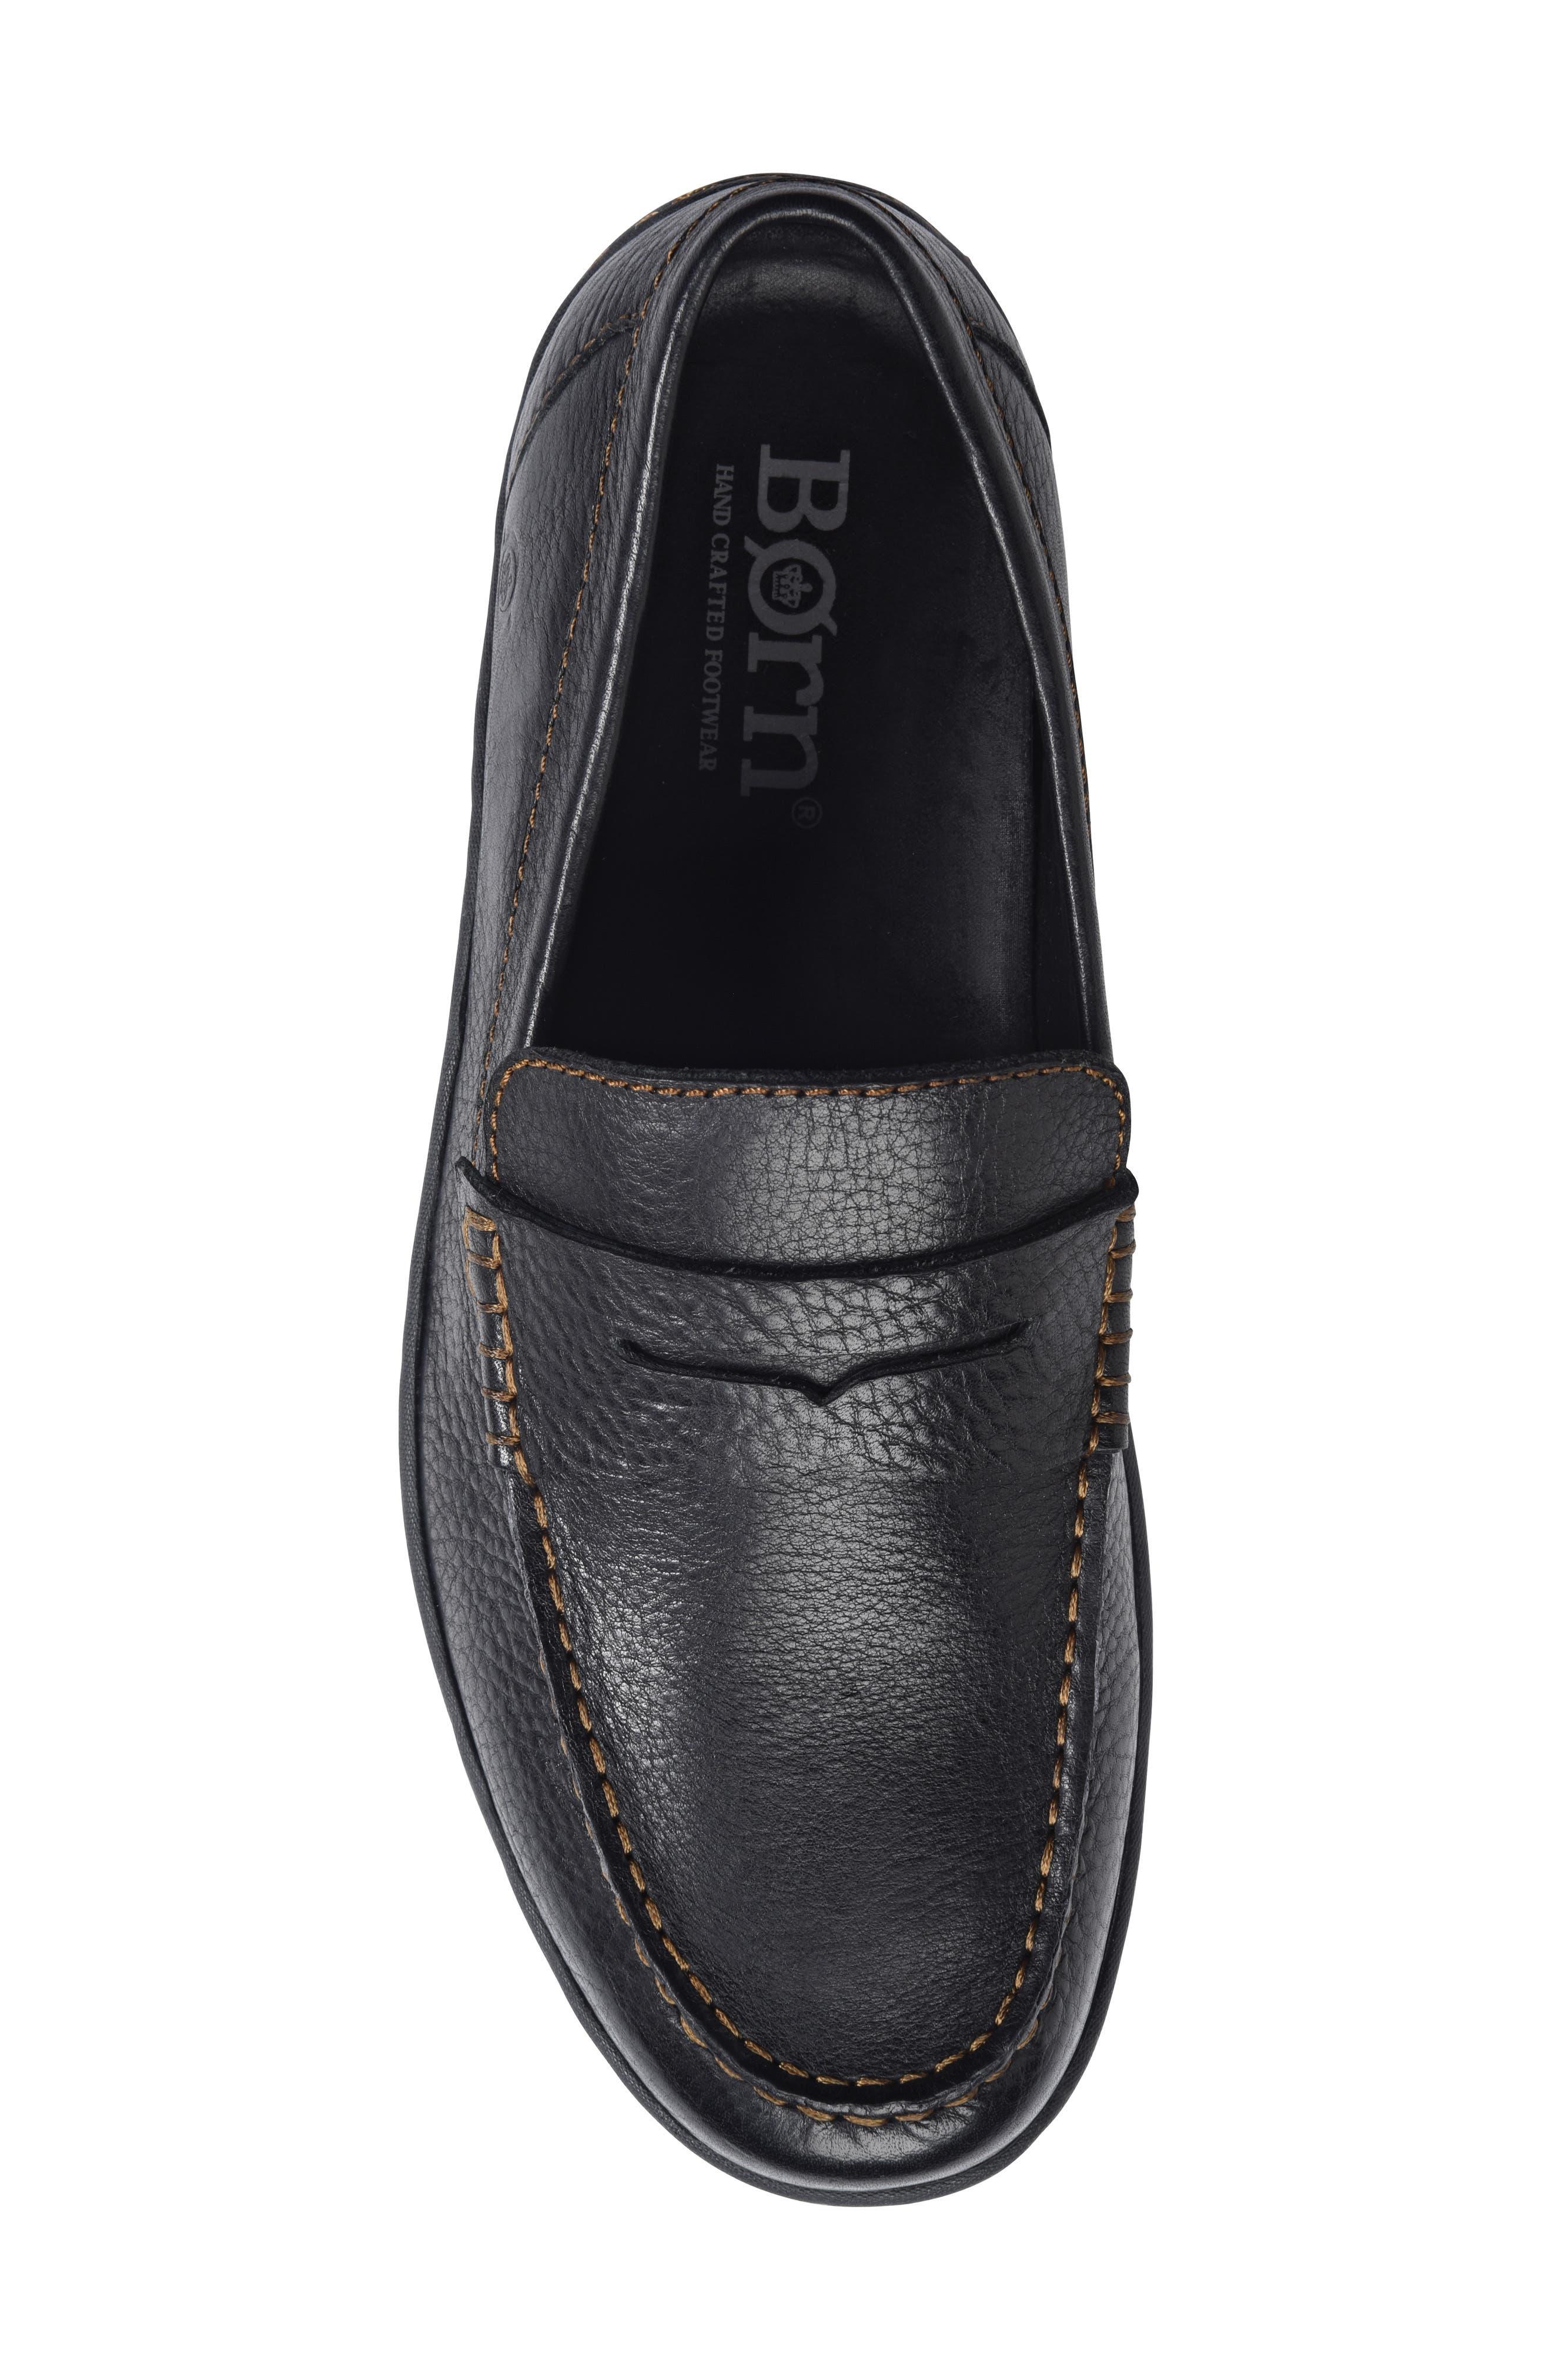 Simon II Driving Shoe,                             Alternate thumbnail 5, color,                             BLACK LEATHER